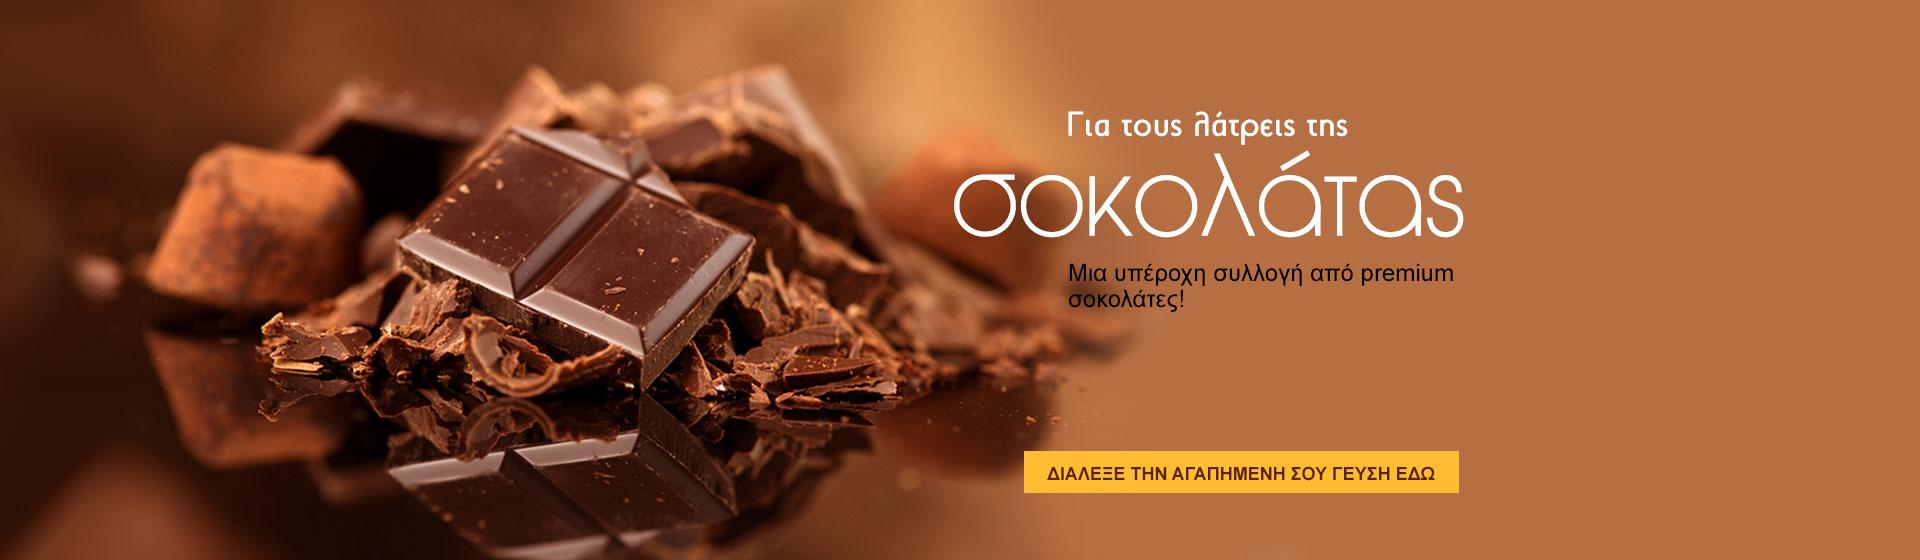 Για τους λάτρεις της σοκολάτας